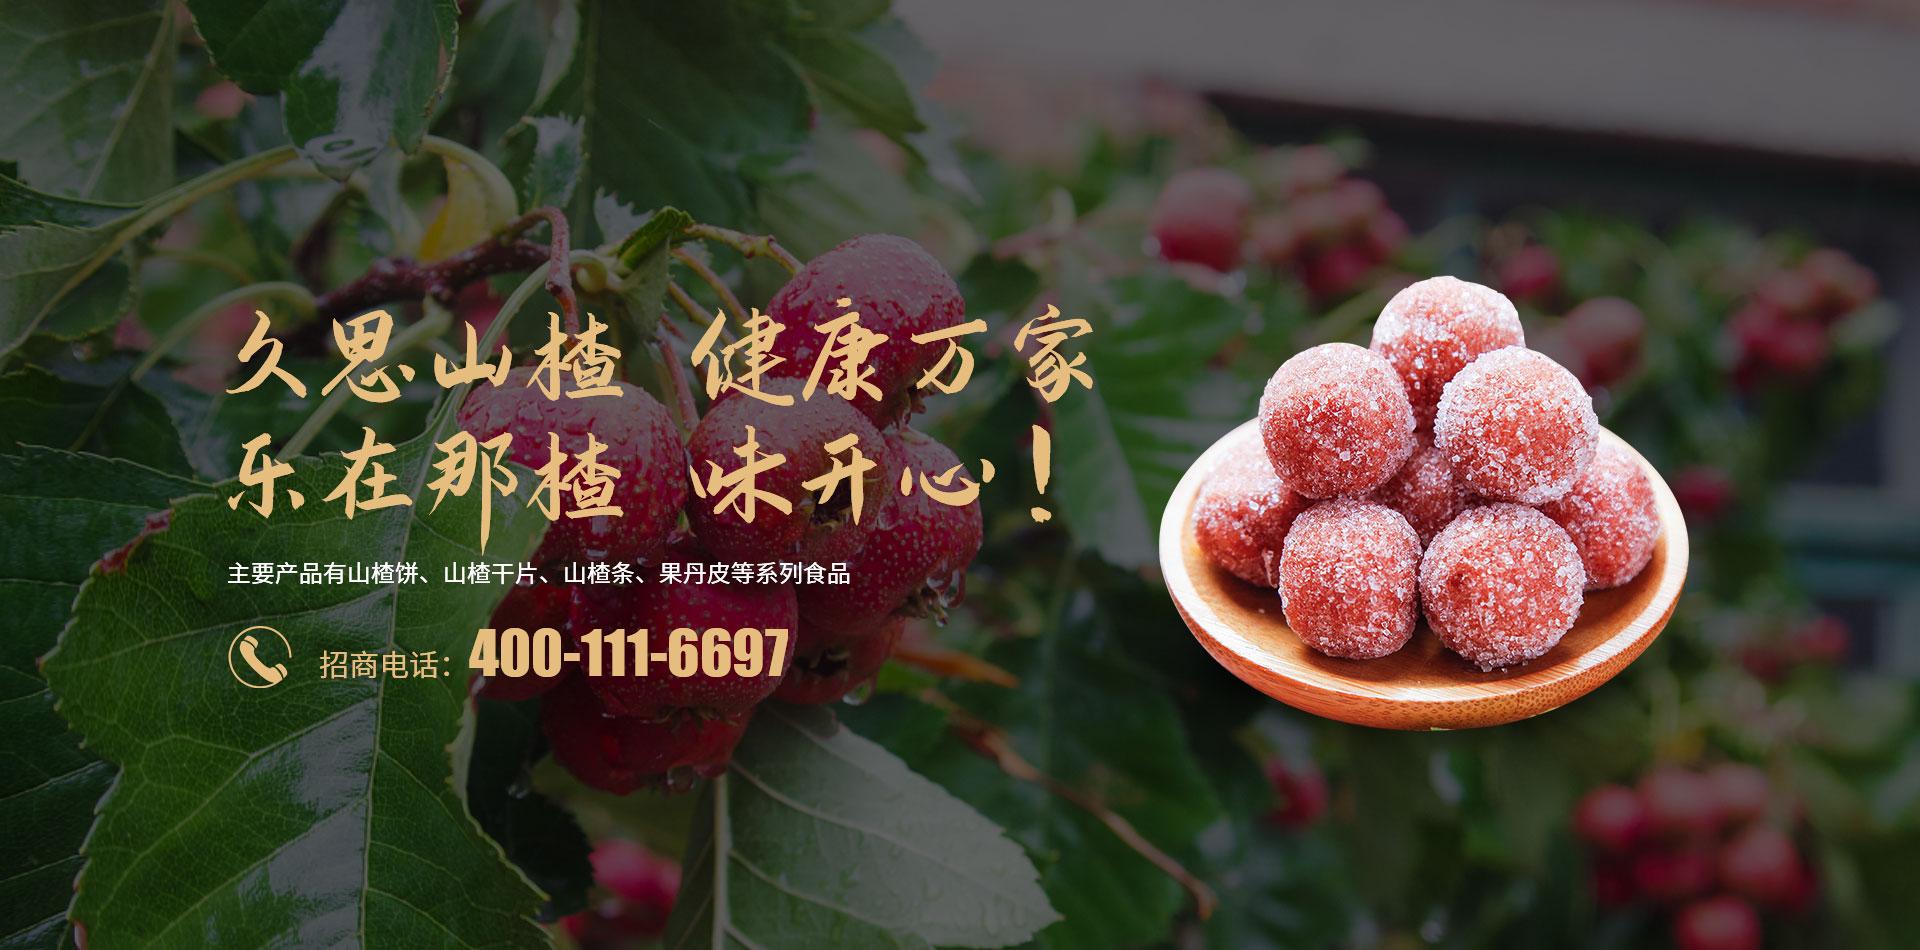 青州市苏大食品有限公司